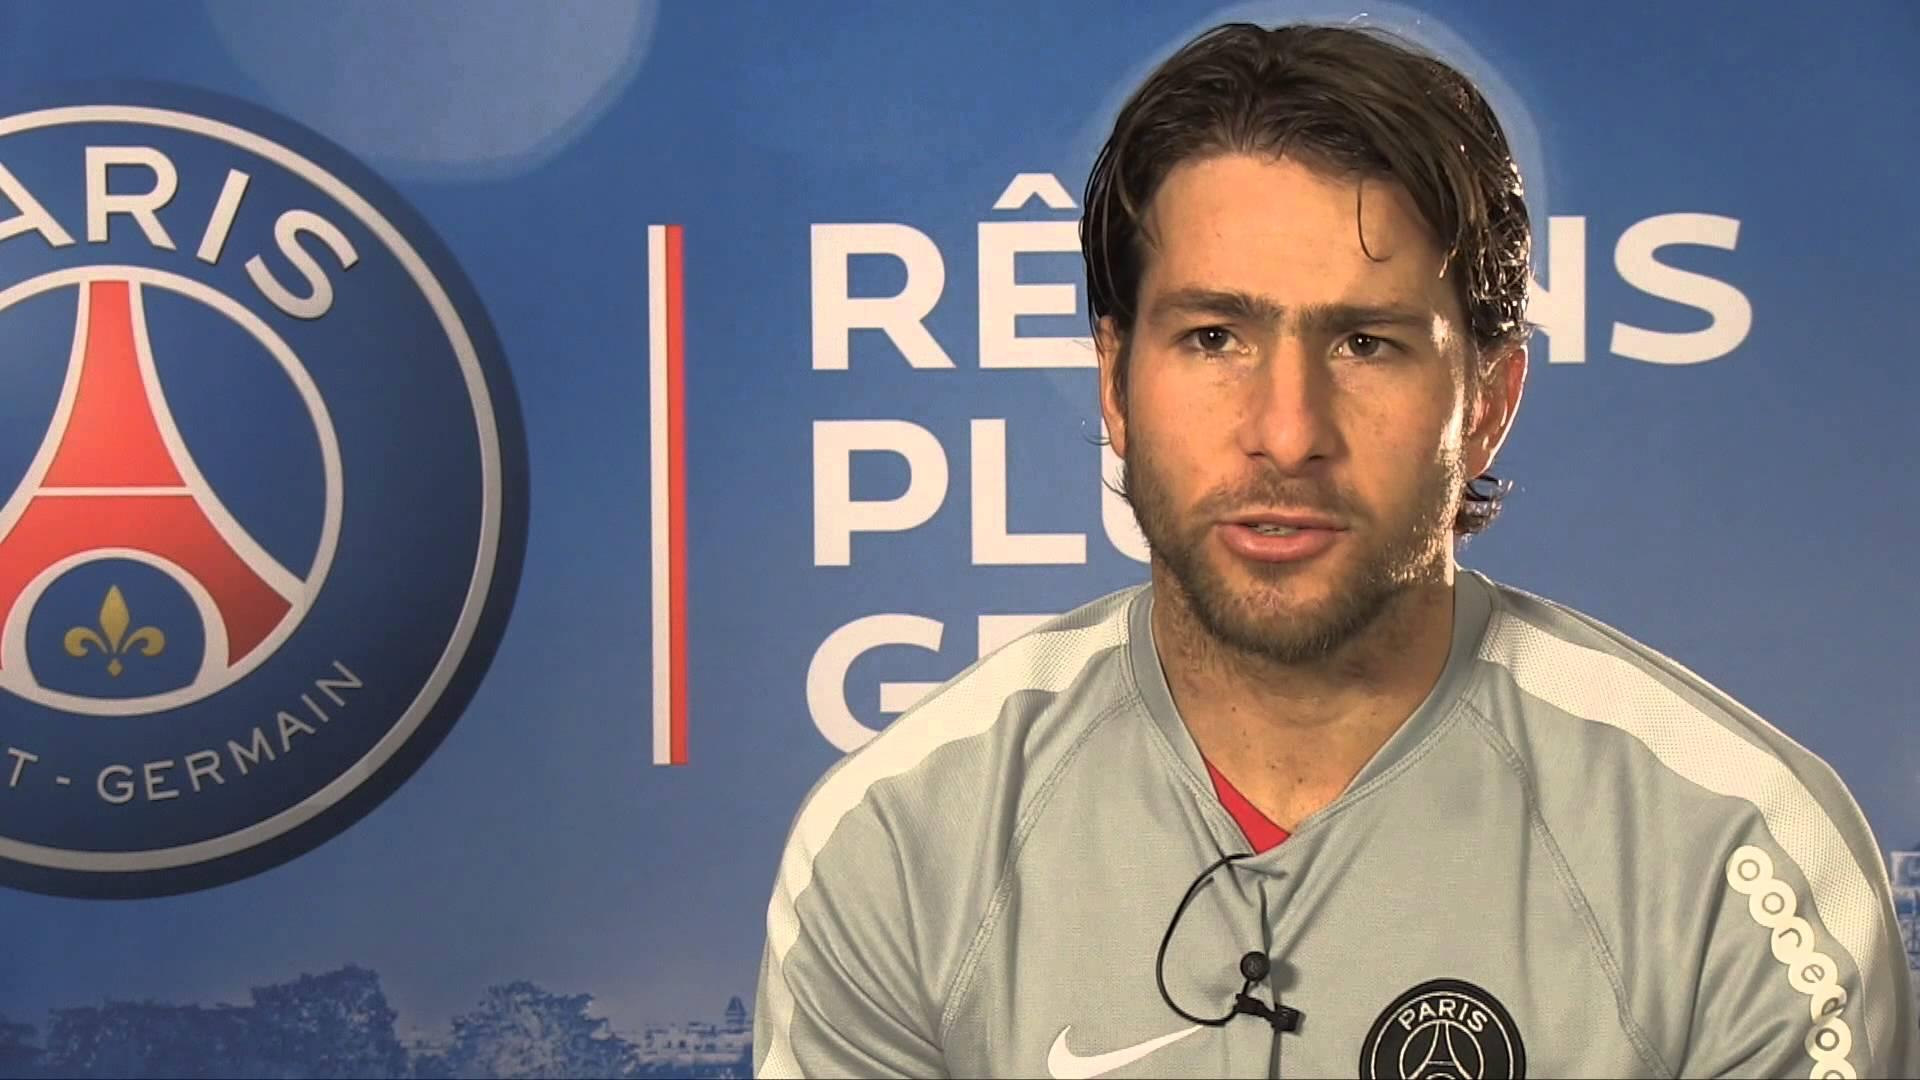 Maxwell jouer reste une possibilité mais les exigences du PSG sont grandes donc ce sera dur